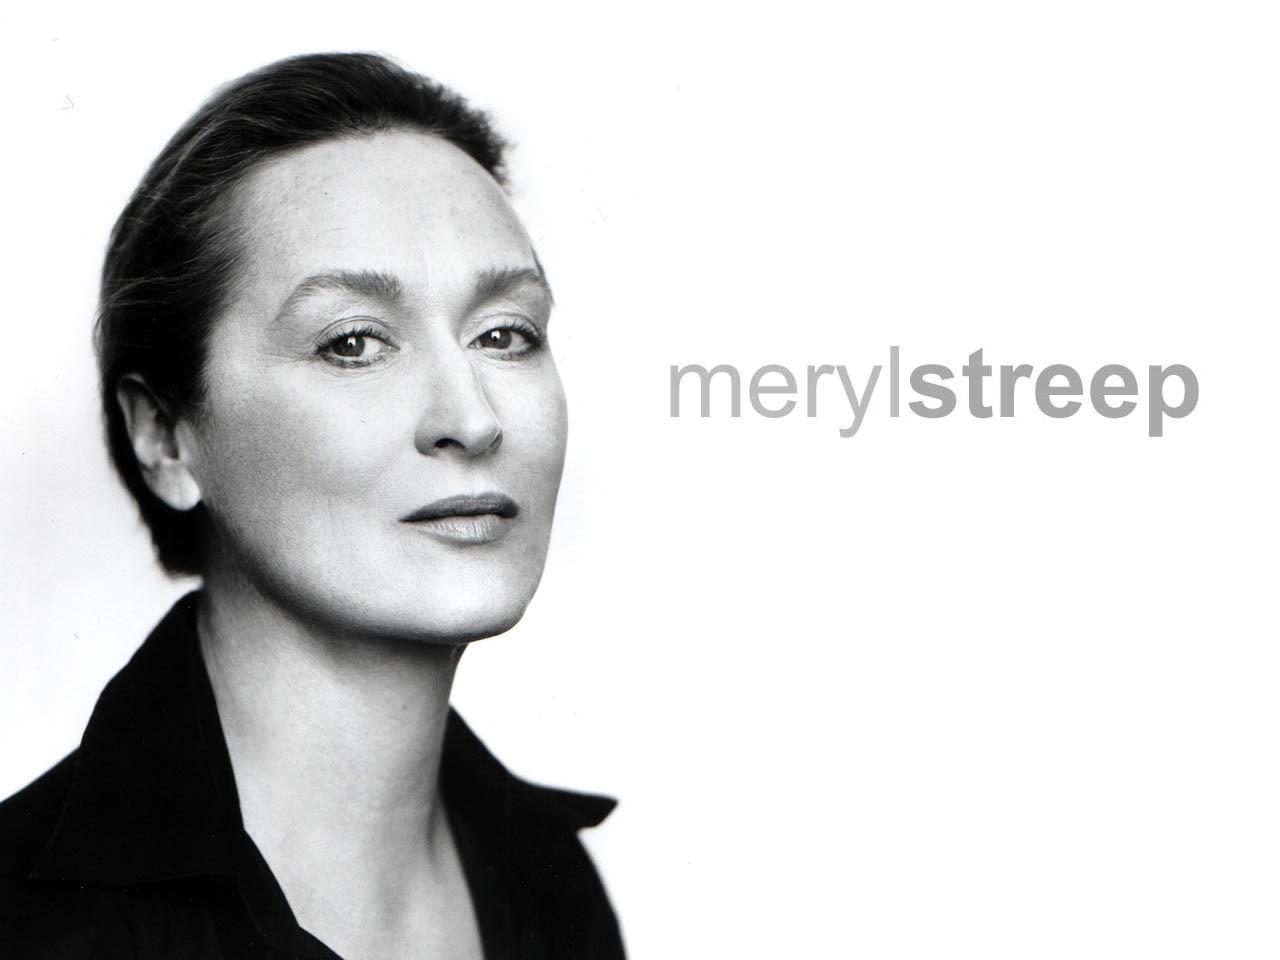 http://2.bp.blogspot.com/-PWAsvAp6eDw/T9908aqZ6tI/AAAAAAAAG7s/iuZr7MHkSBY/s1600/Meryl+Streep-wallpaper-2.jpg